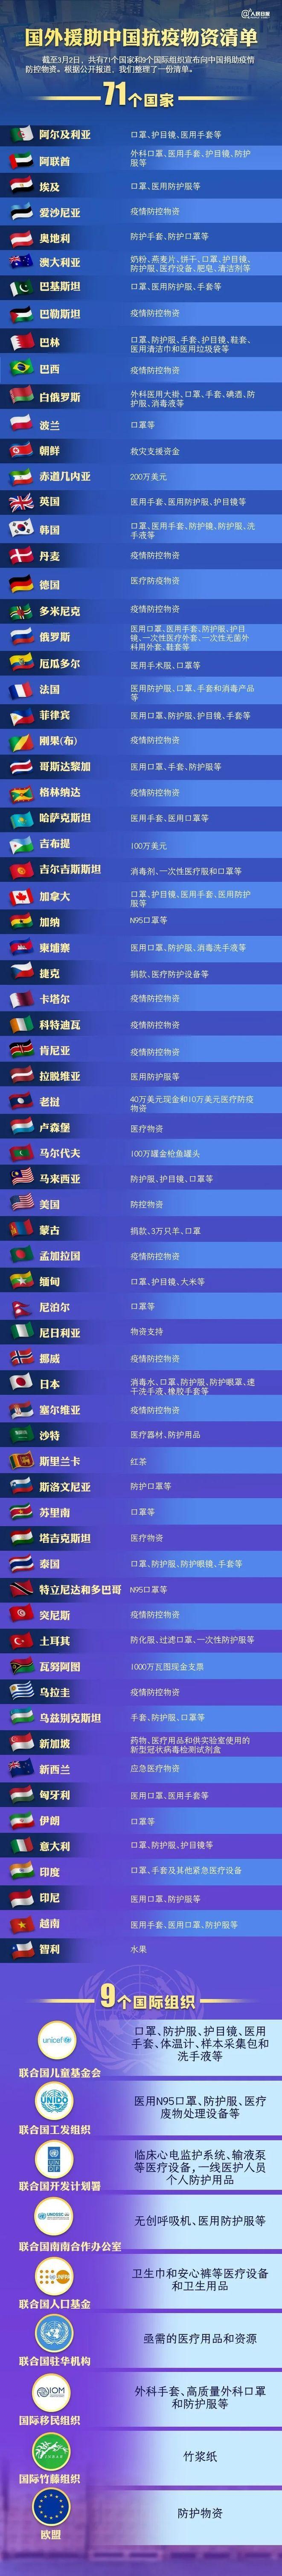 5e65259631e7e - 患难见真情!国外援助中国抗疫物资清单